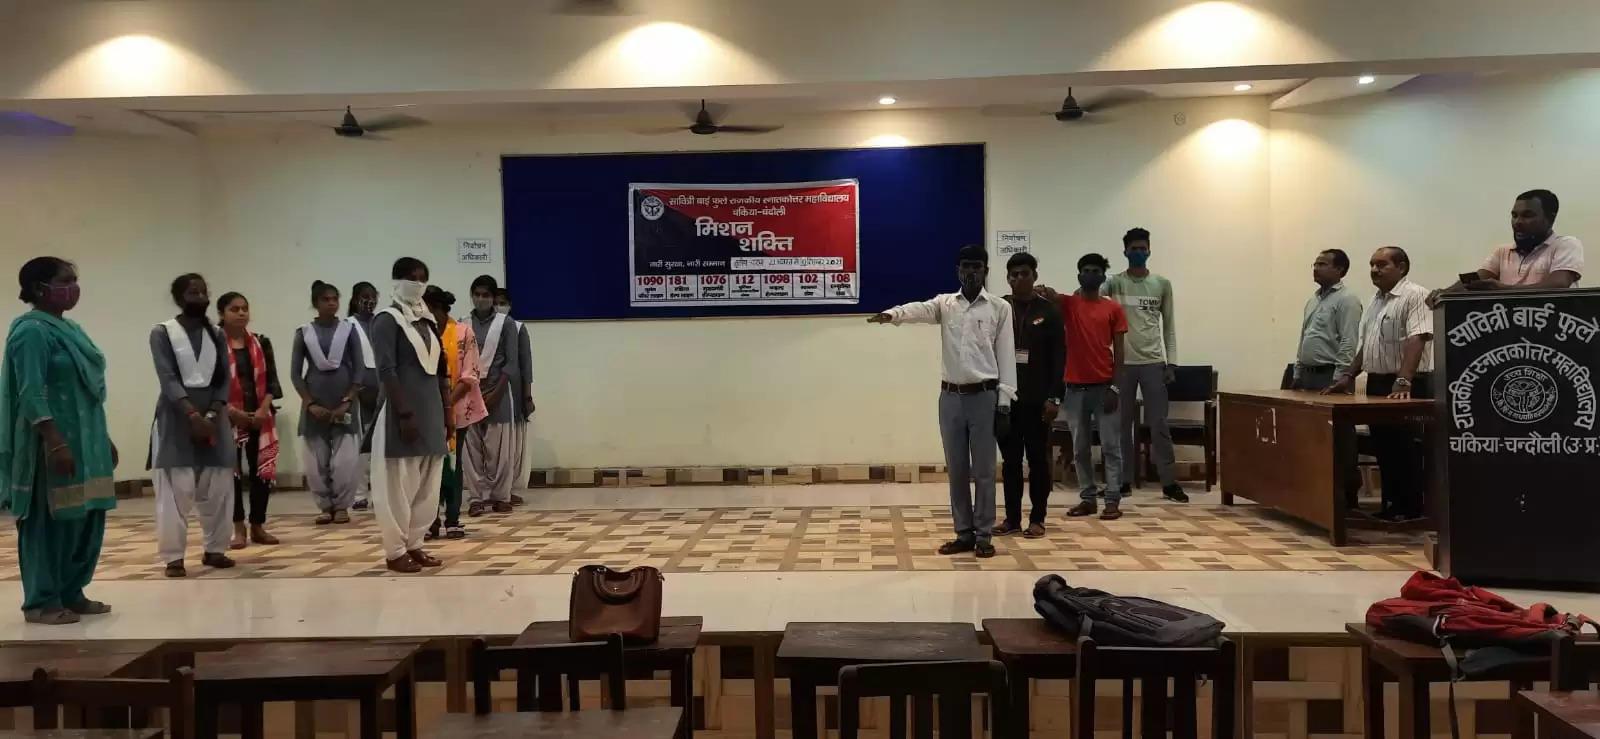 Under Mission Shakti Phase III program